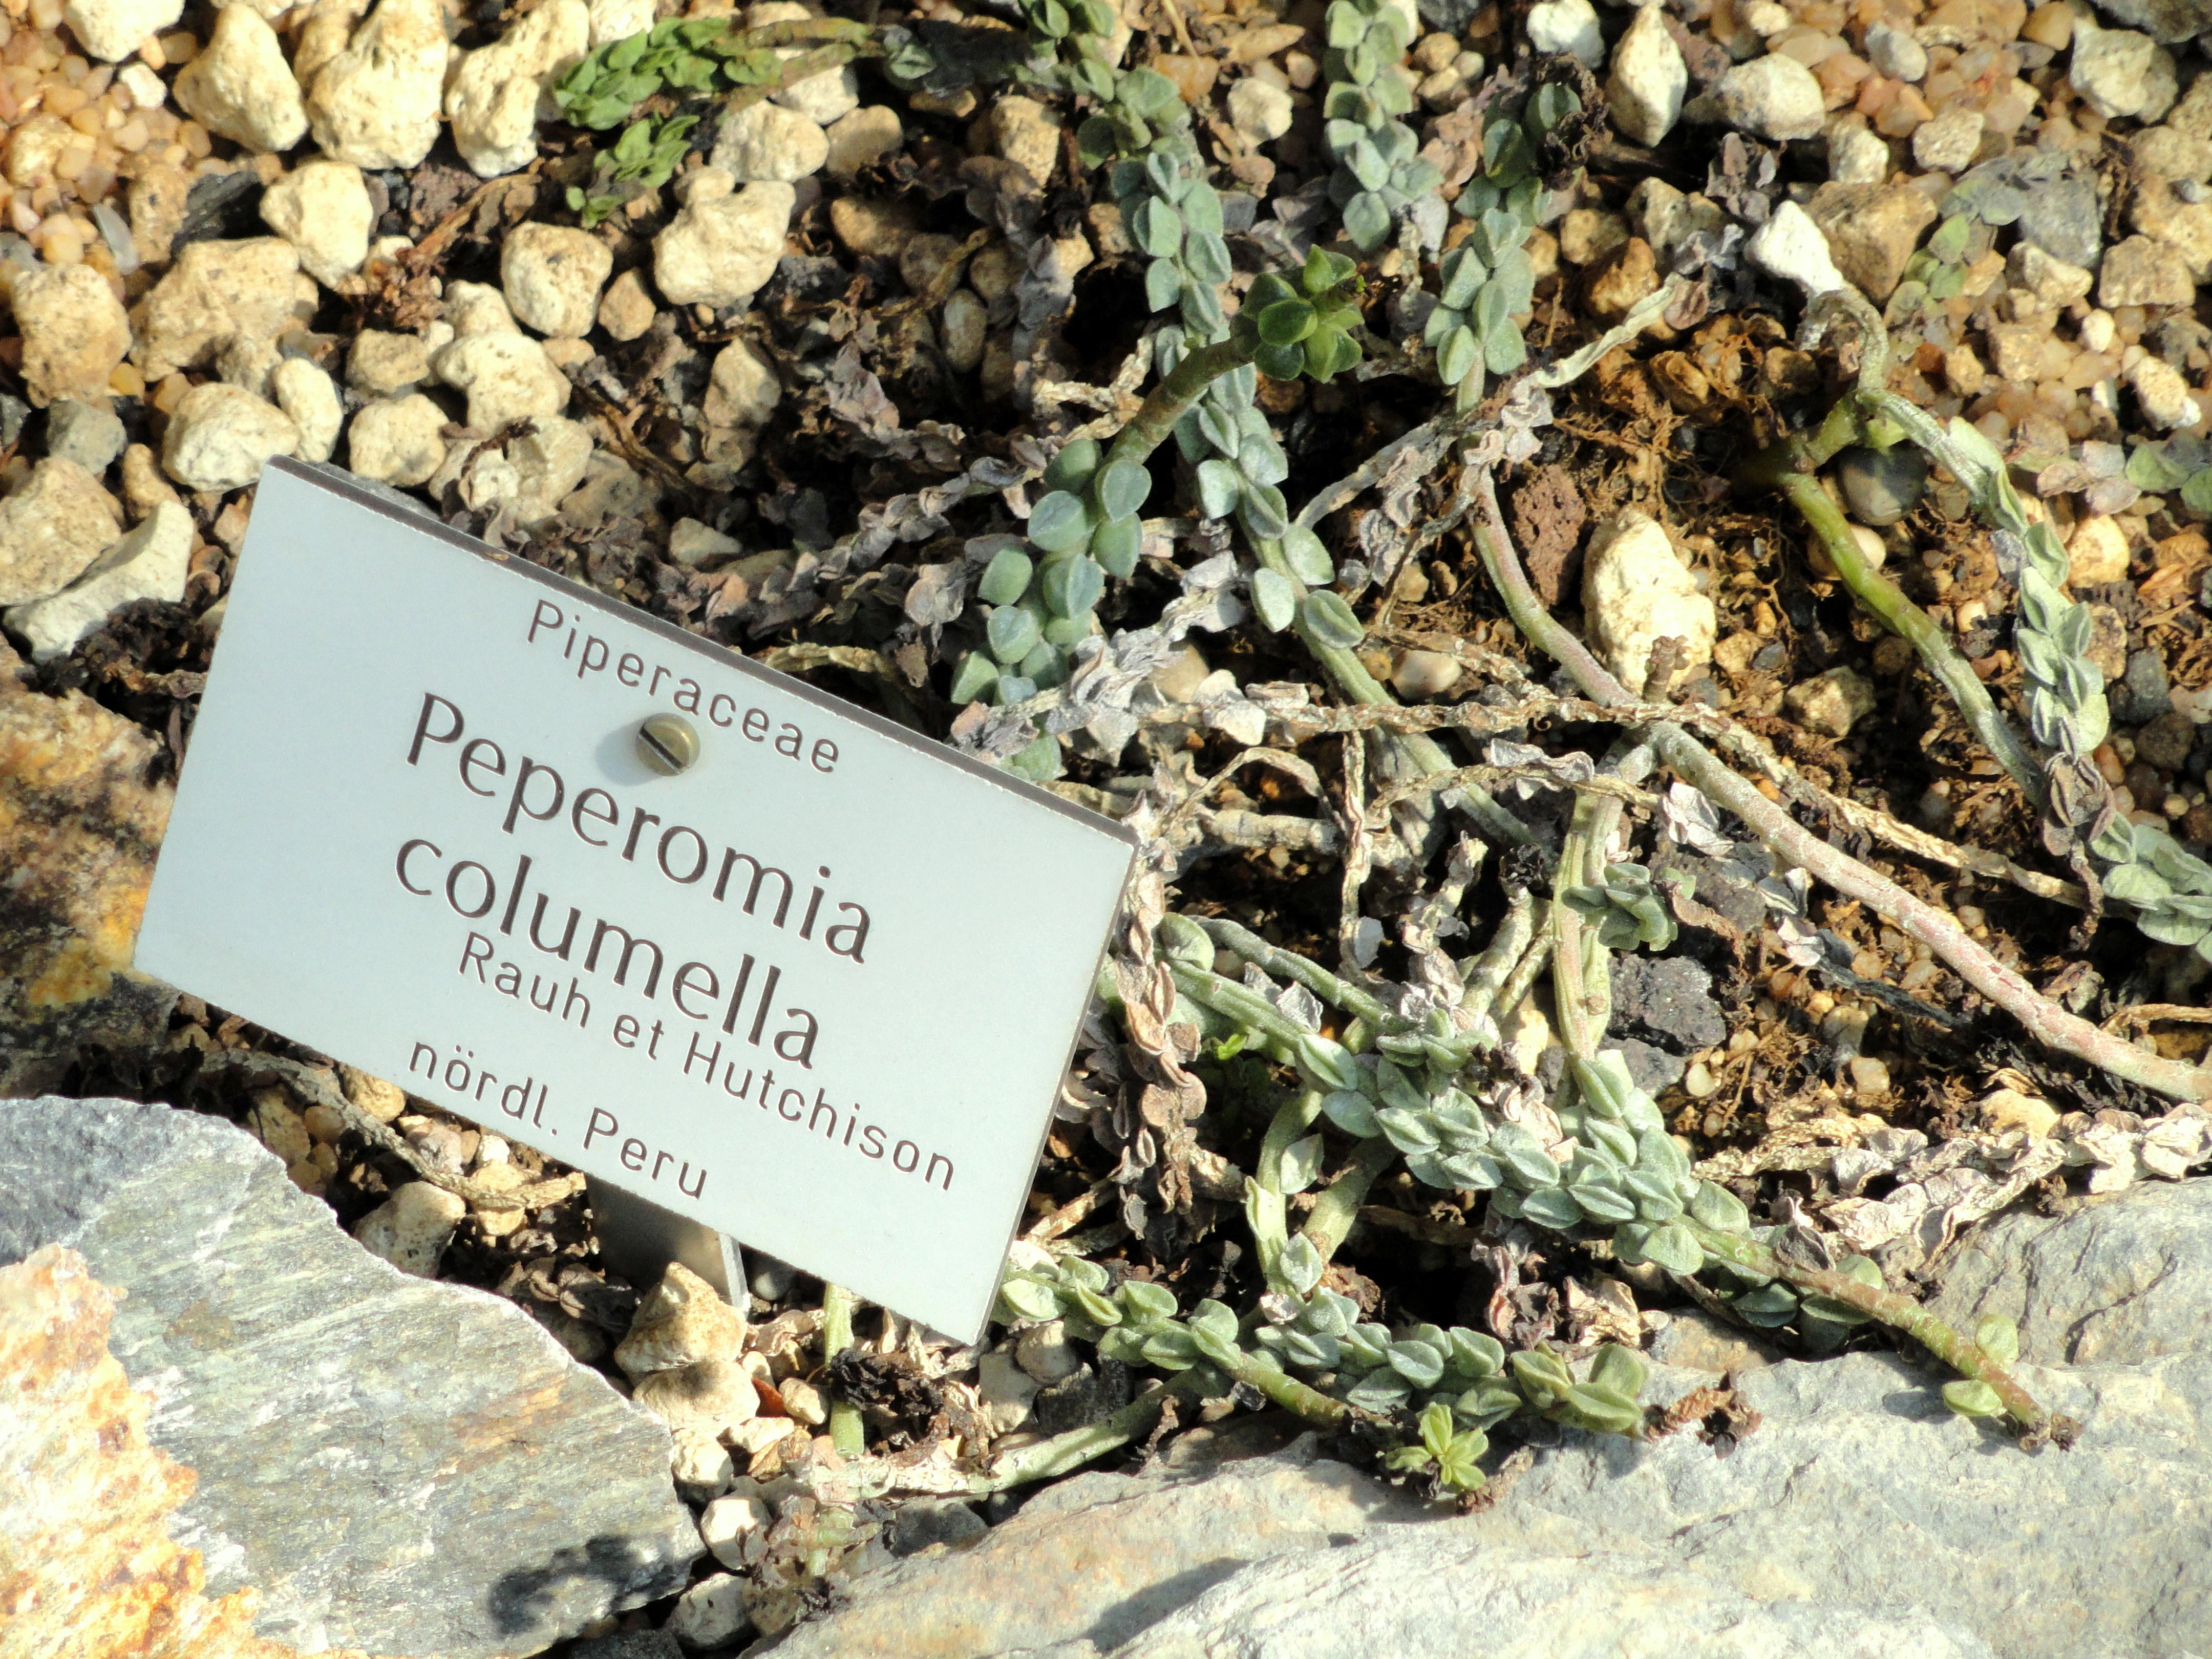 Filepeperomia Columella Botanischer Garten München Nymphenburg